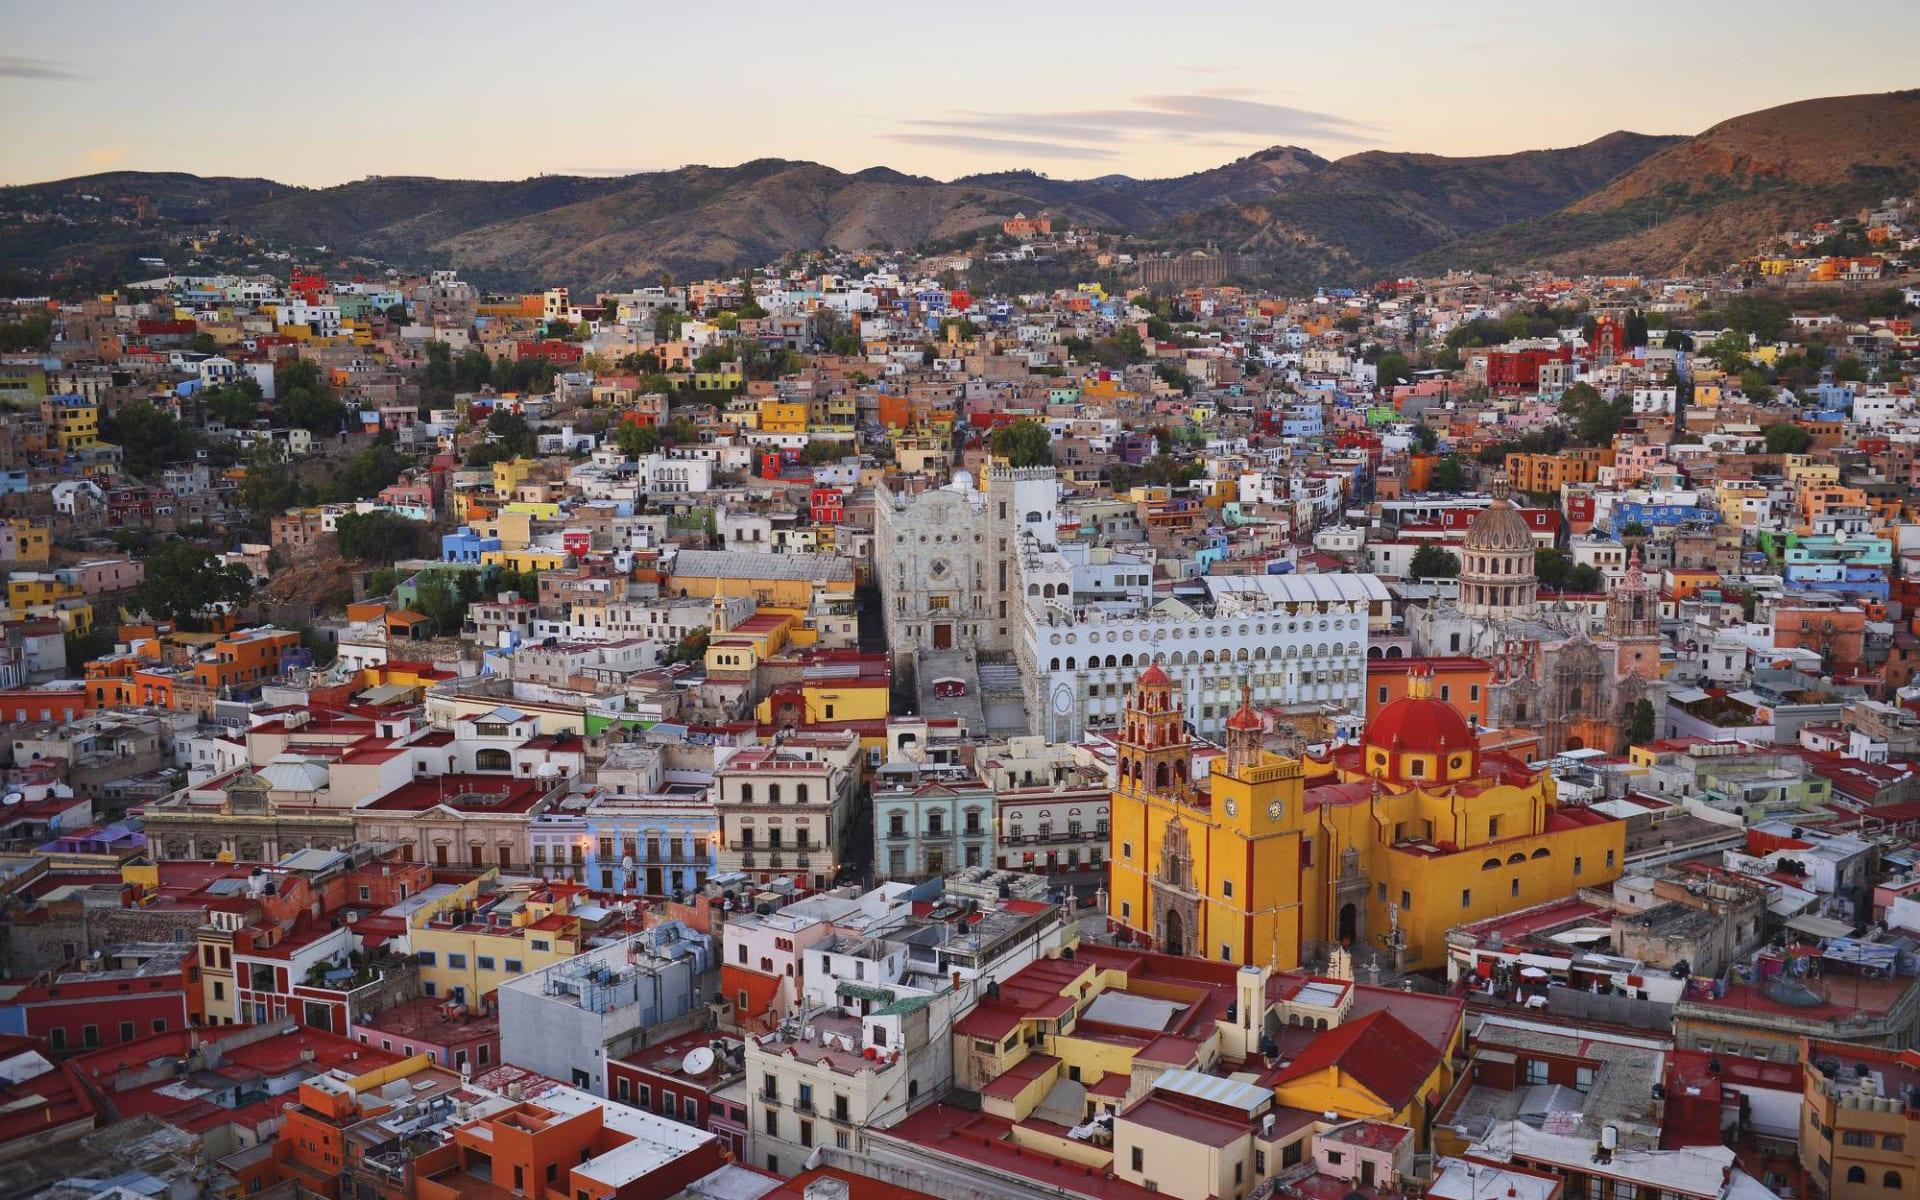 Gruppenreise Koloniales Mexiko ab Mexico City: Mexico - Guanajuato - Vogelperspektive der Stadt